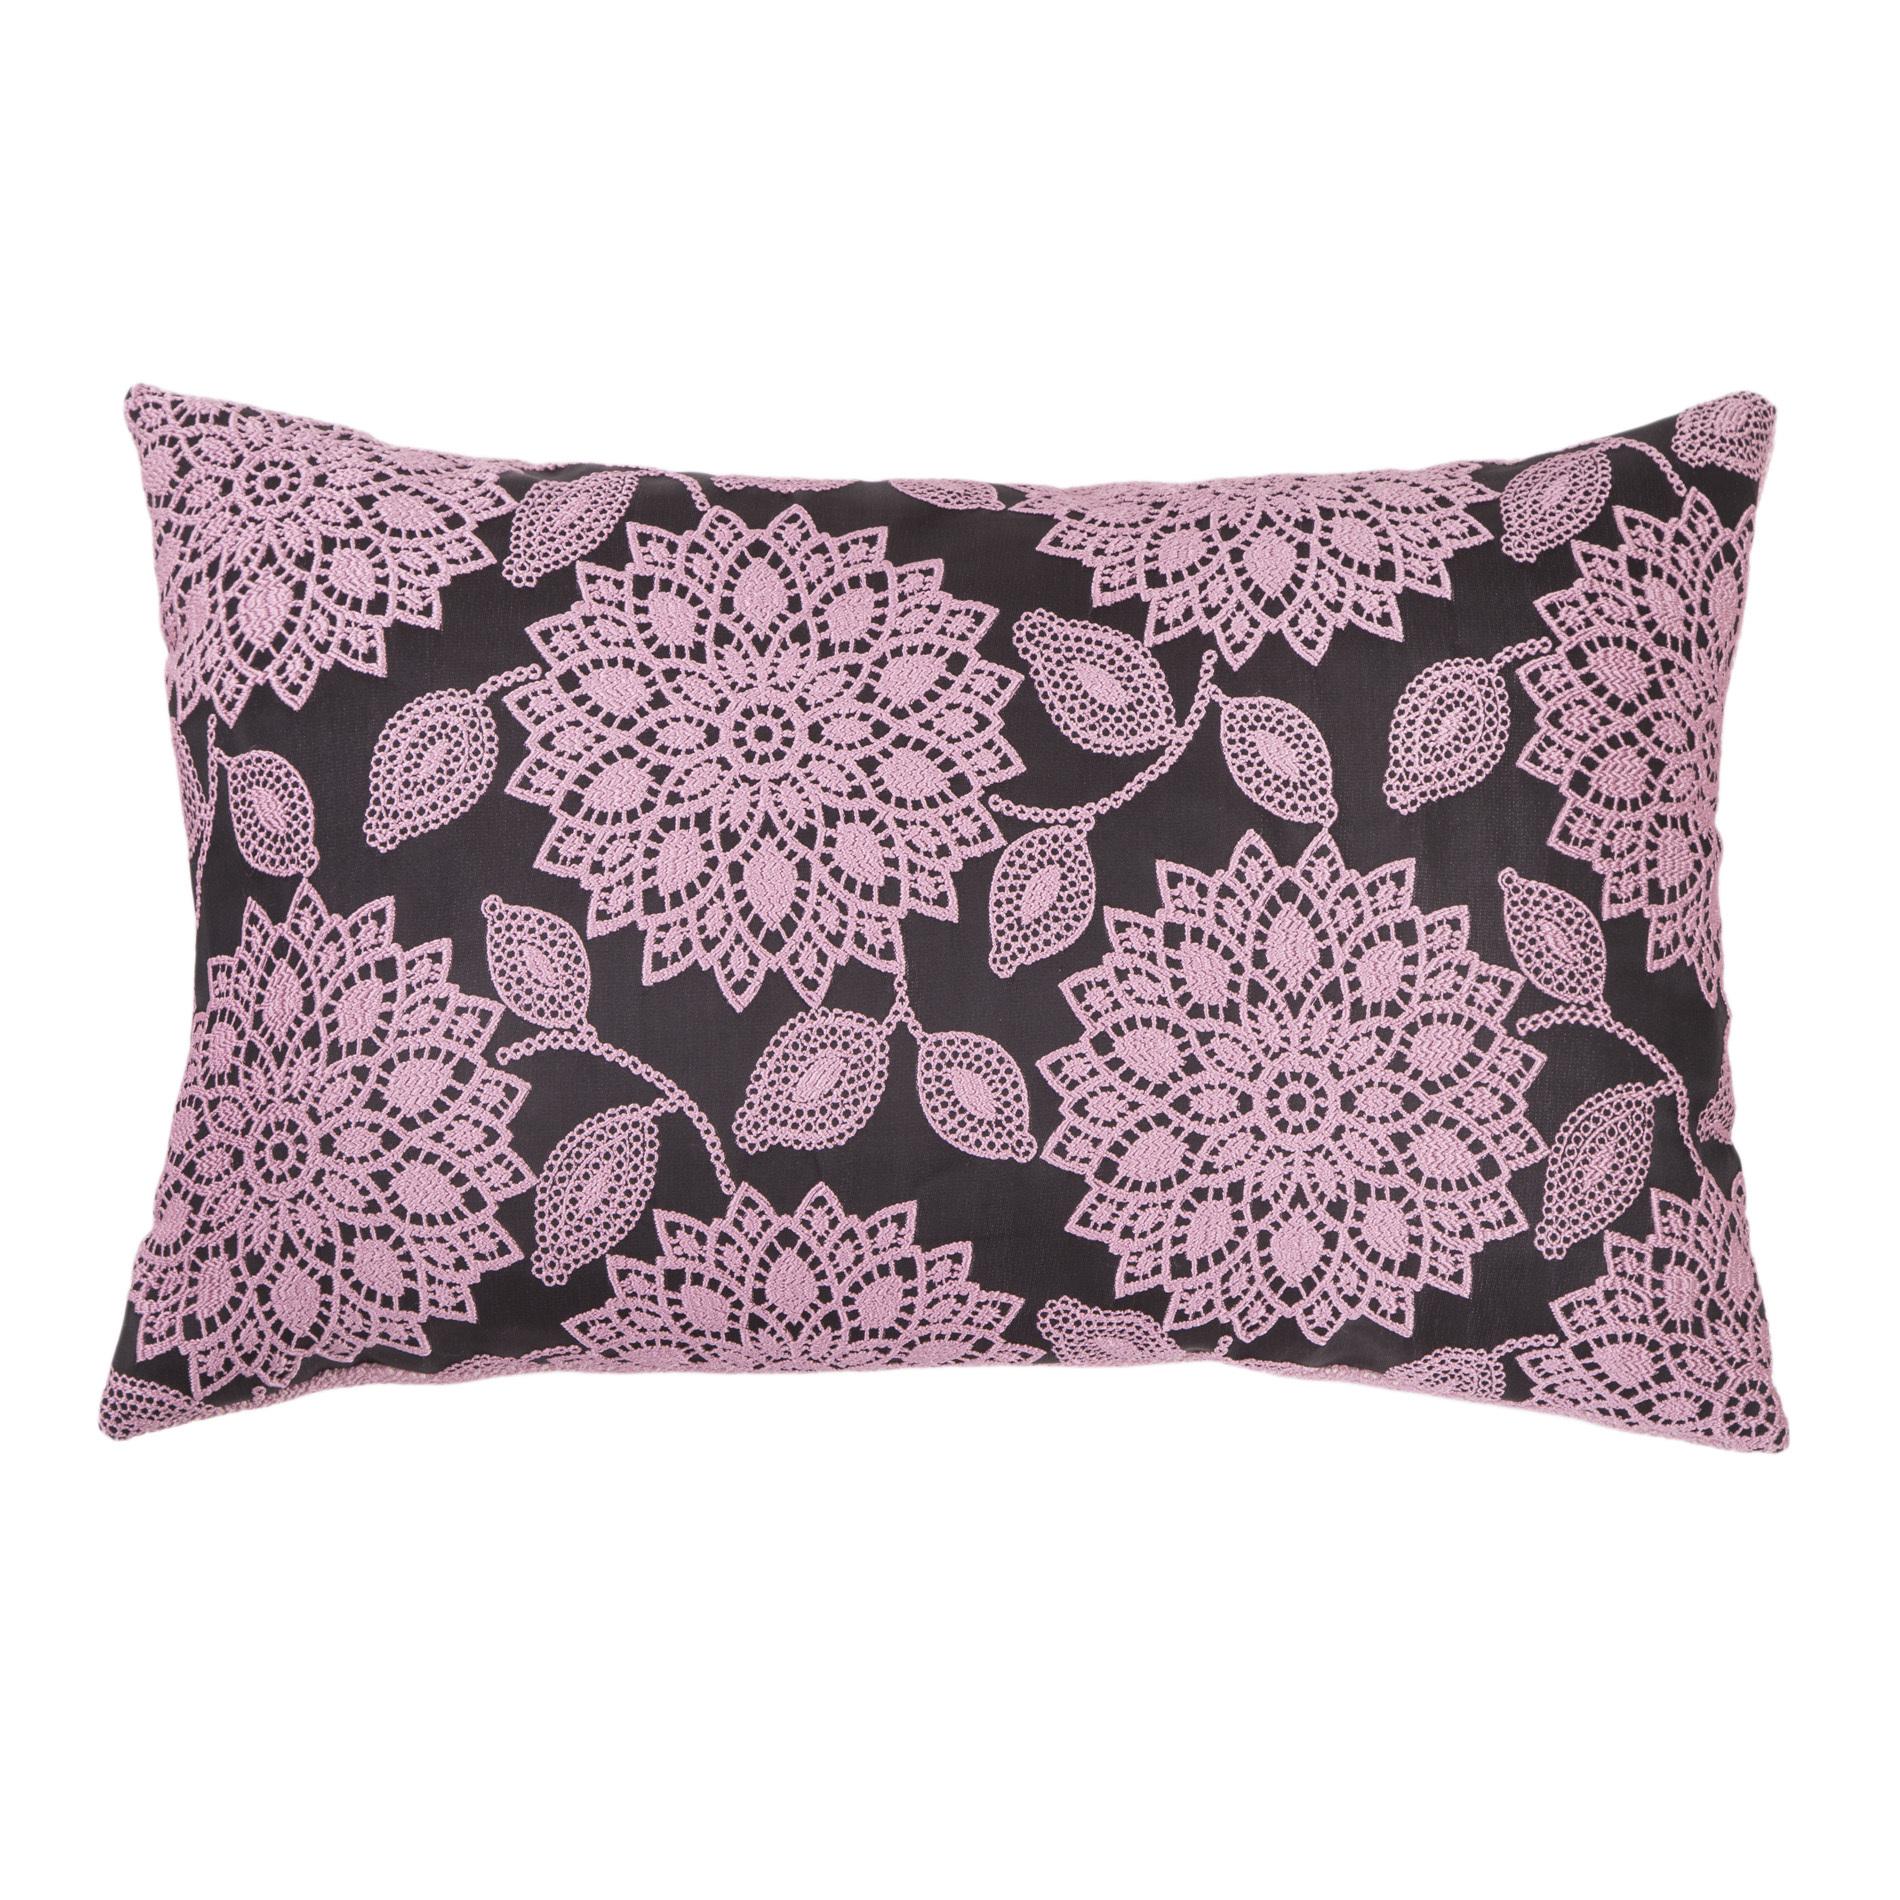 Подушка Кружевные цветыПрямоугольные подушки<br>Двустороняя декоративная подушка &amp;quot;Кружевные цветы&amp;quot; станет ярким акцентом в вашем интерьере. Высококачественный материал приятен для кожи и безопасен даже для самой чувствительной кожи.  Оригинальный дизайнерский принт сделает пространство стильным и своеобразным.<br><br>Material: Текстиль<br>Length см: None<br>Width см: 60<br>Depth см: 10<br>Height см: 40